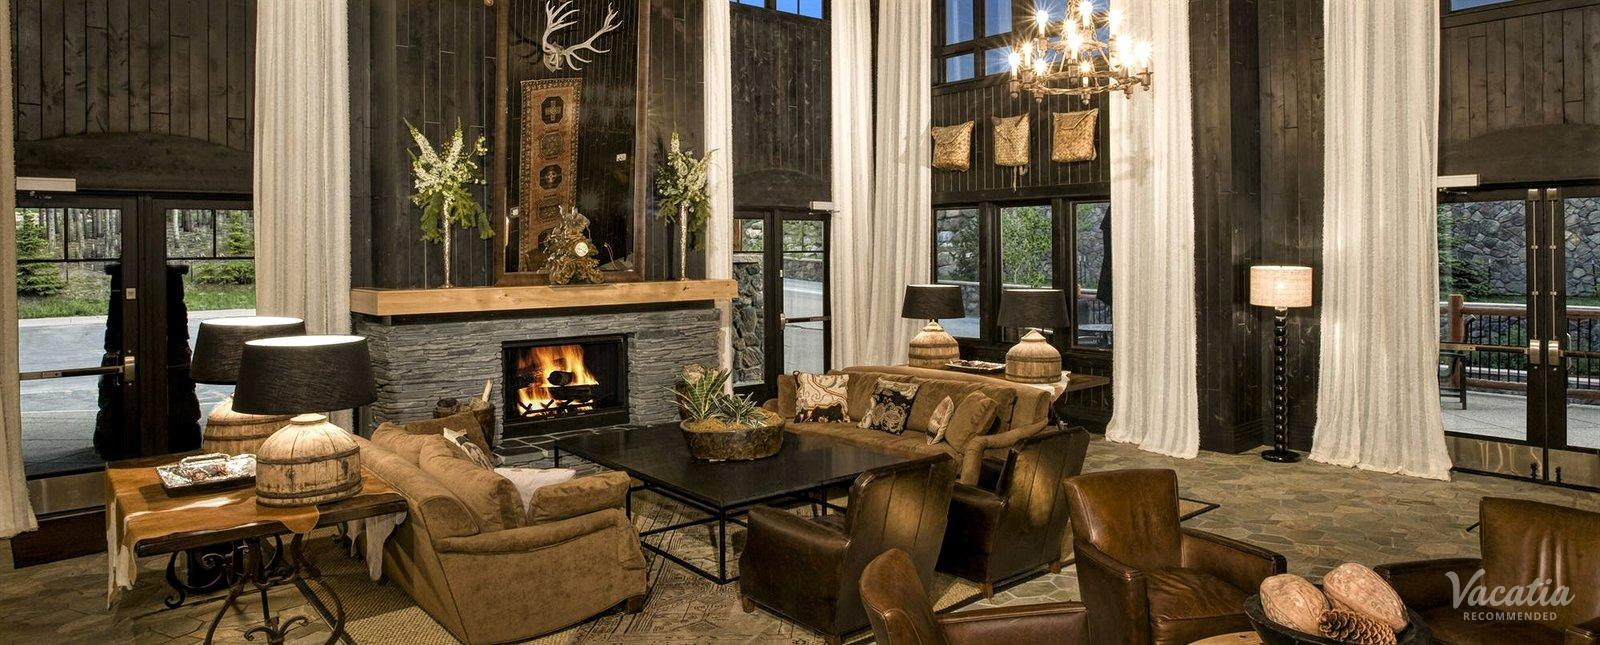 BlueSky Breckenridge Condo Resort - Vacation Rentals | Vacatia